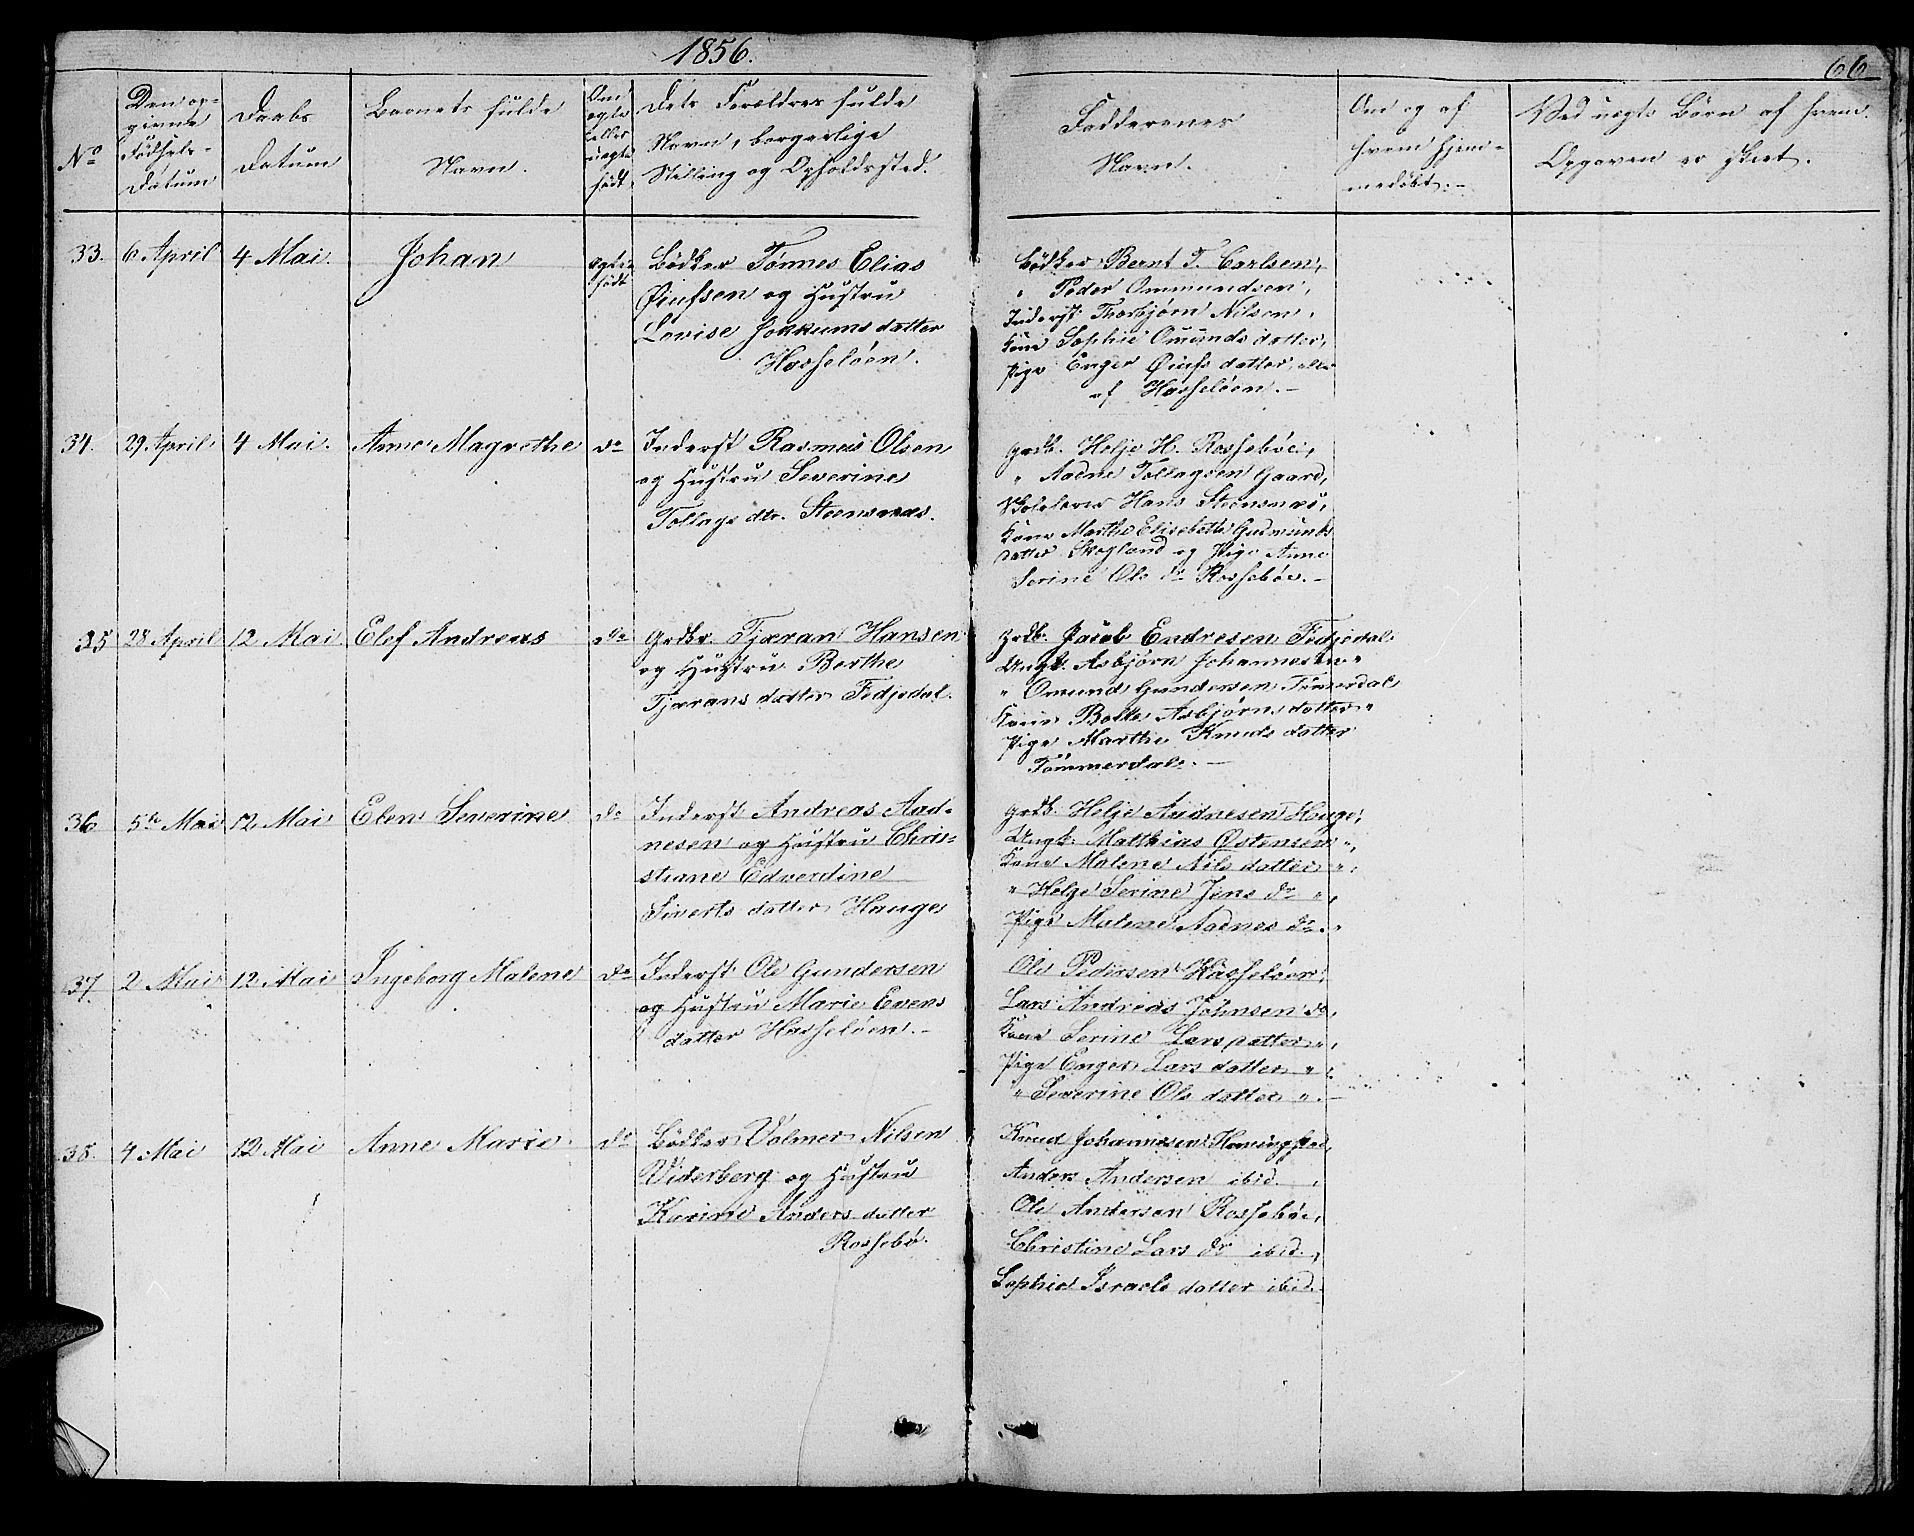 Rogaland fylke, Skåre i Torvastad, Klokkerbok nr. B 4 (1850-1864), Fødte og døpte 1856, side 66.